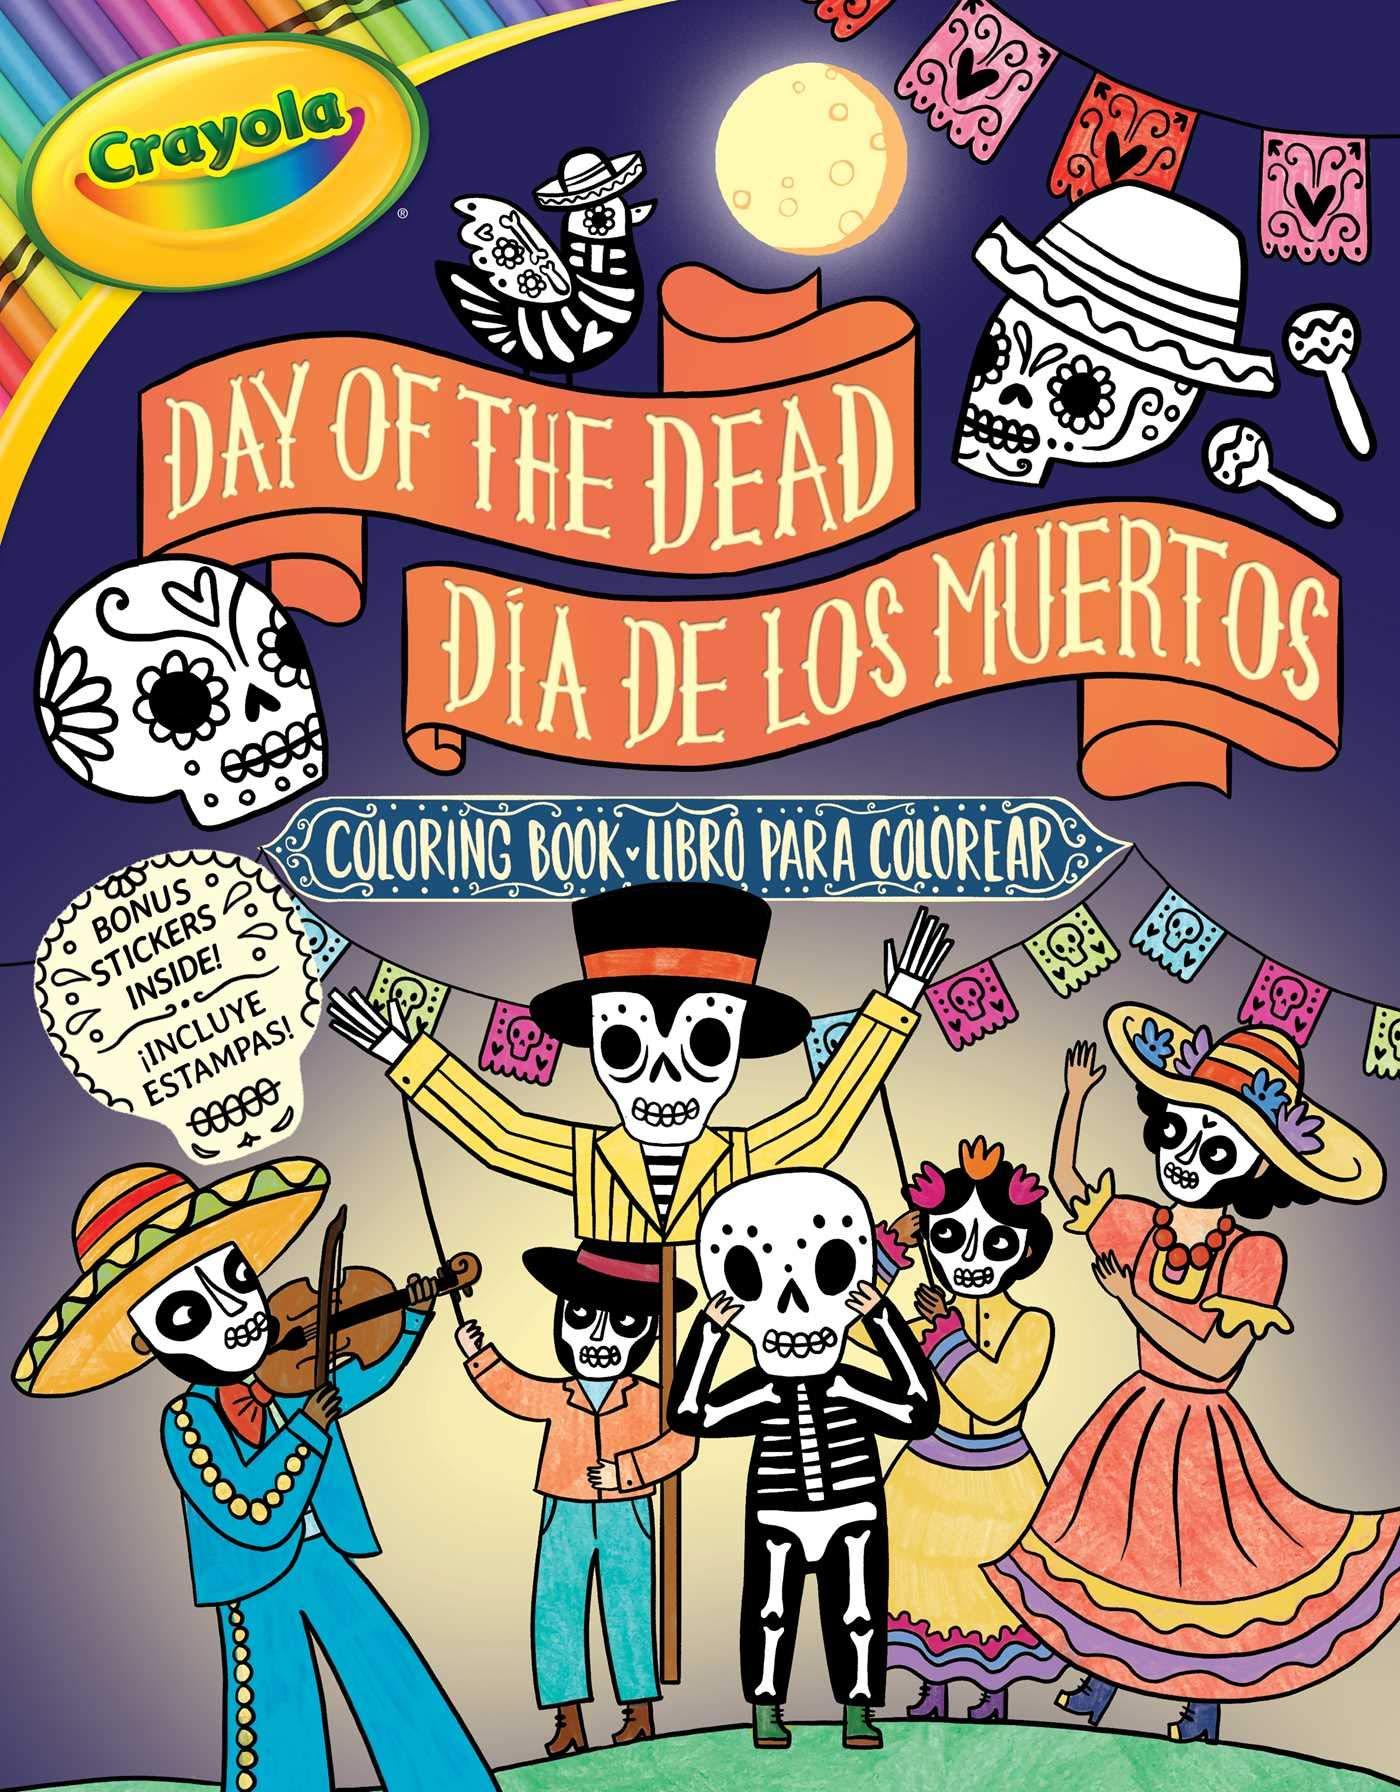 - Crayola Day Of The Dead/Día De Los Muertos Coloring Book (7